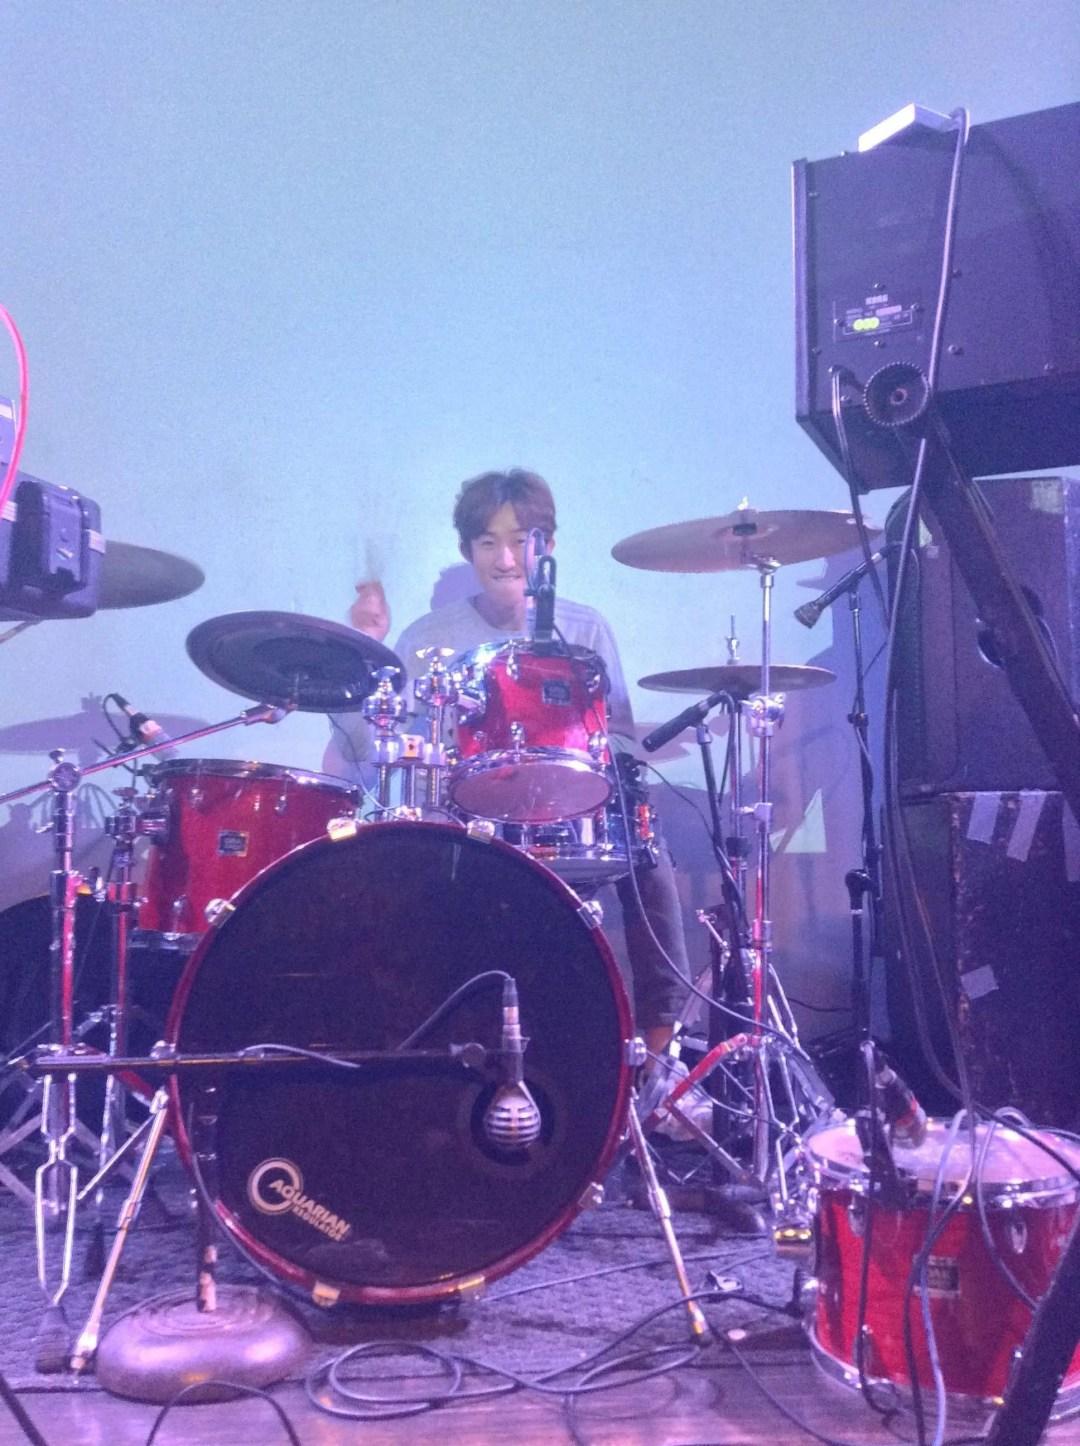 GC drummer Seoulsonic